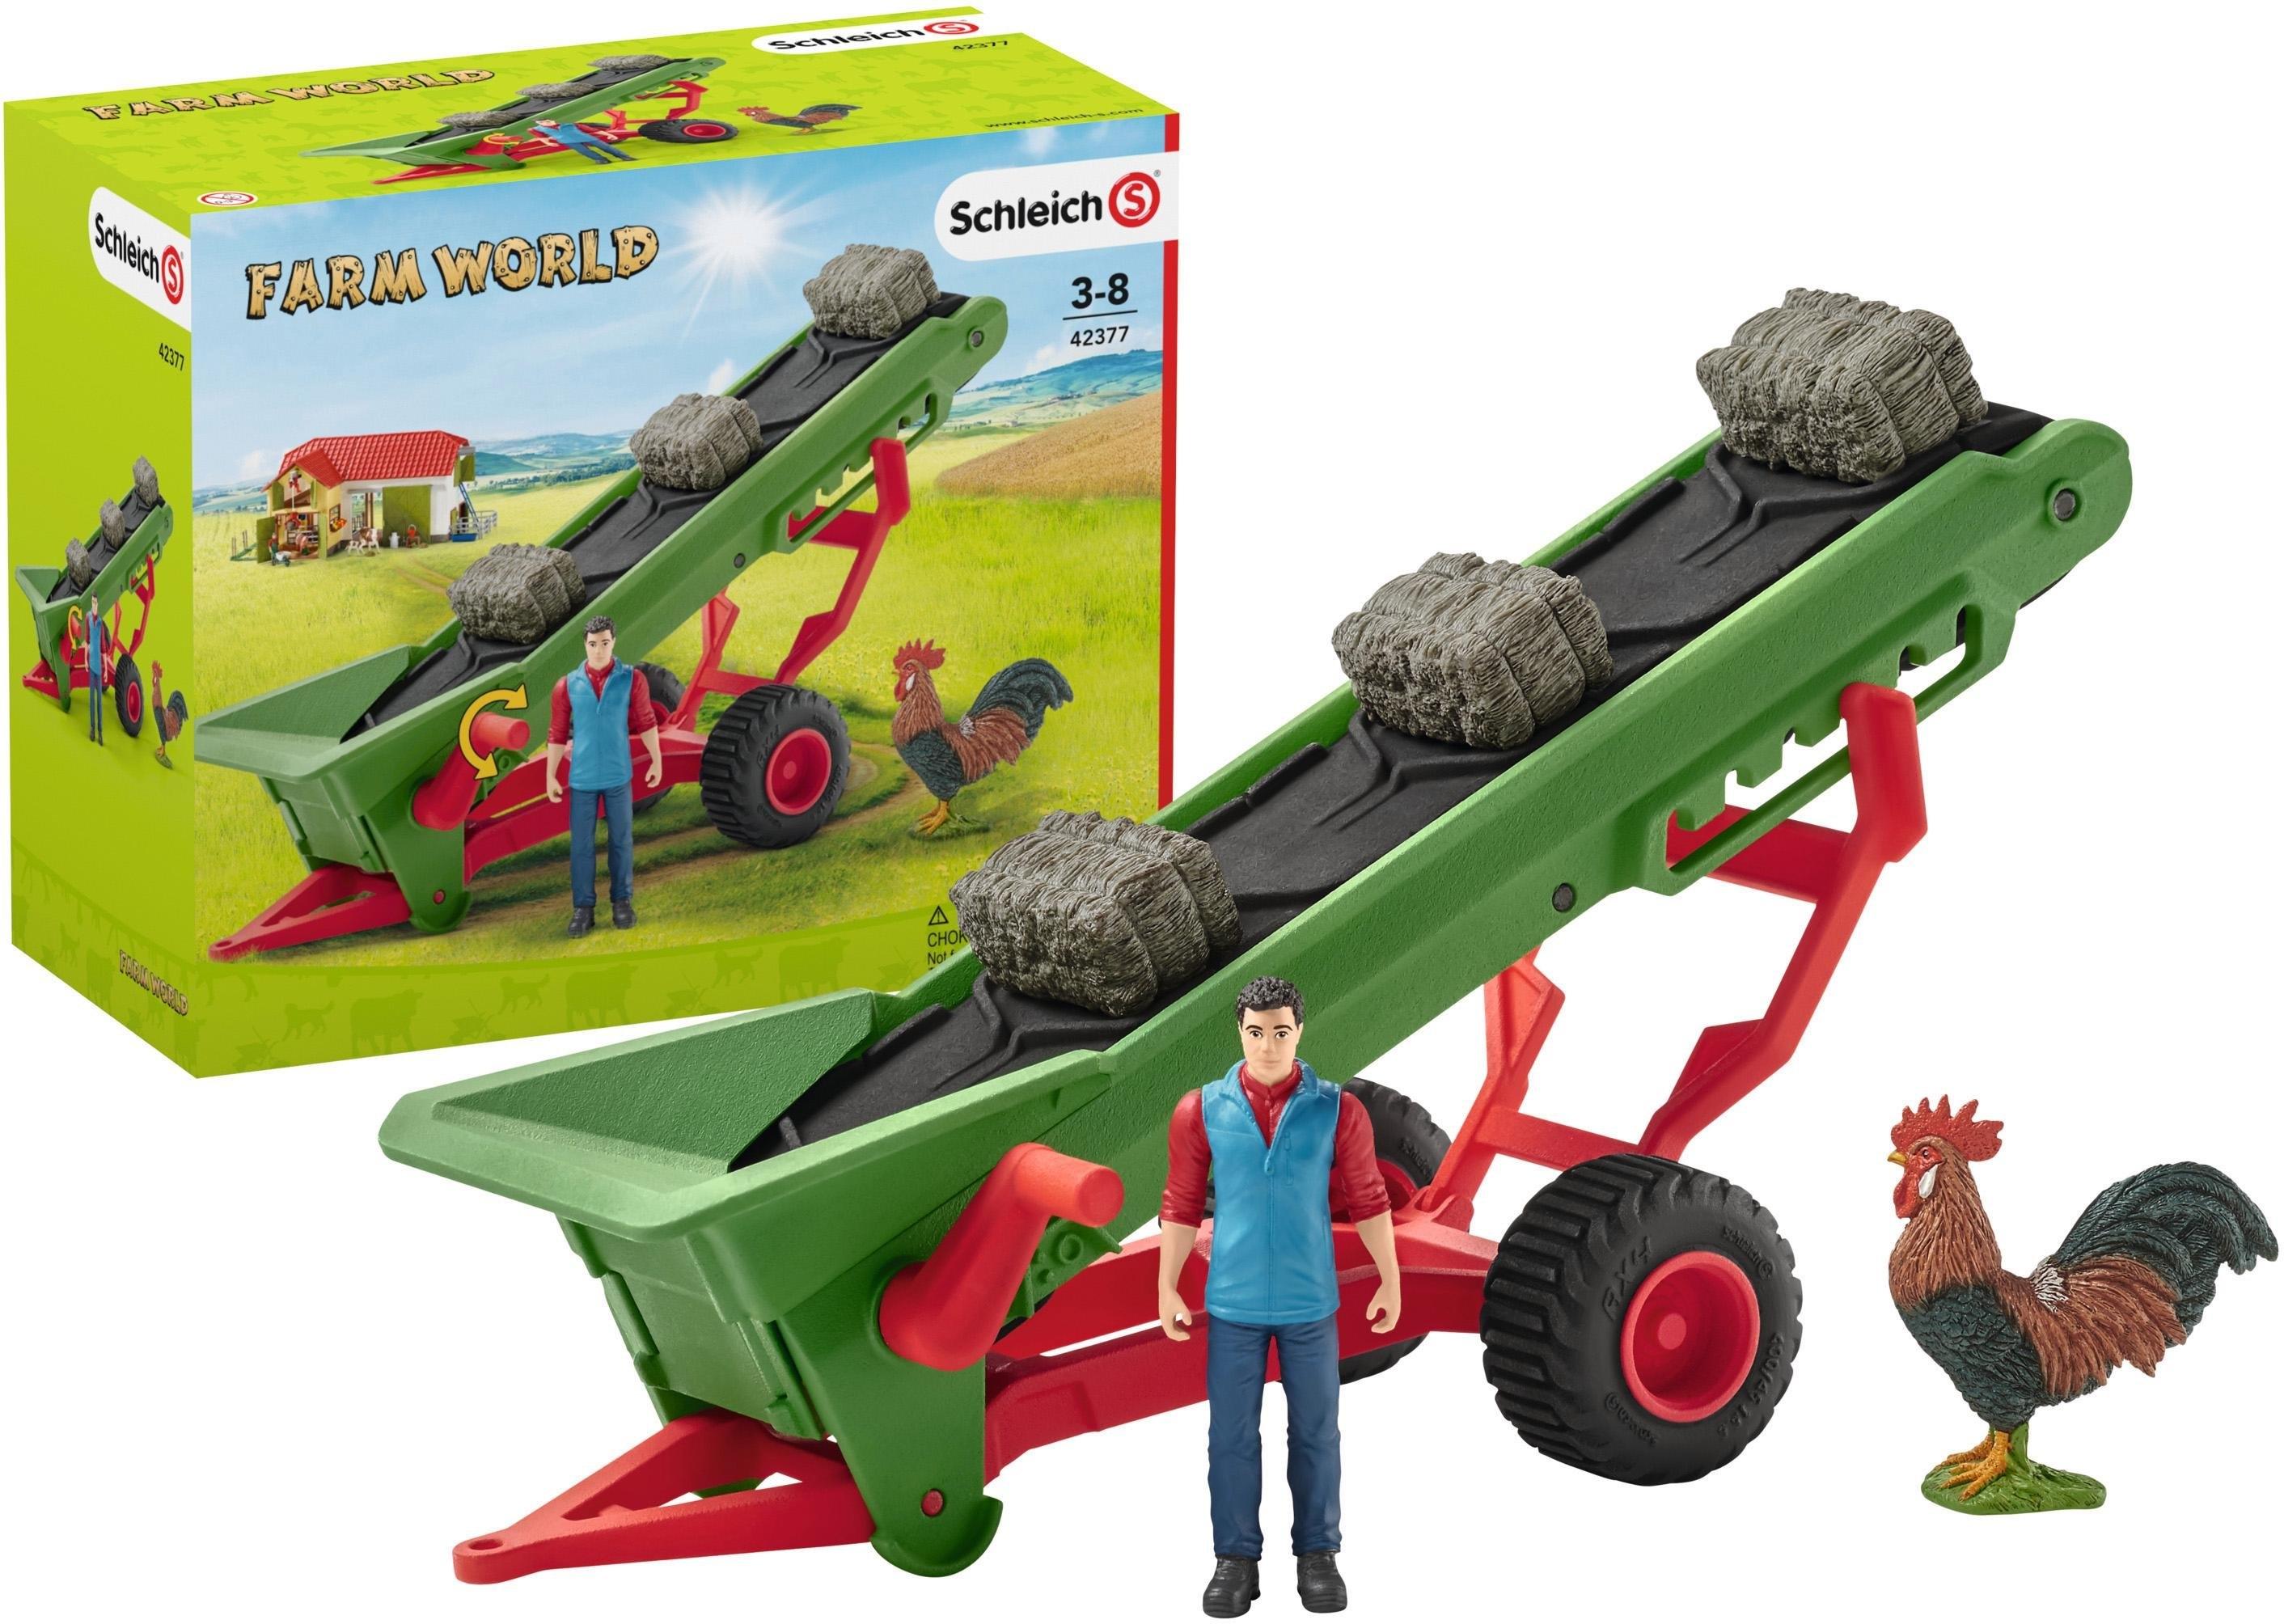 Schleich aanhanger voor speelgoedauto Farm World, hooi transportband met boer (42377) made in germany in de webshop van OTTO kopen